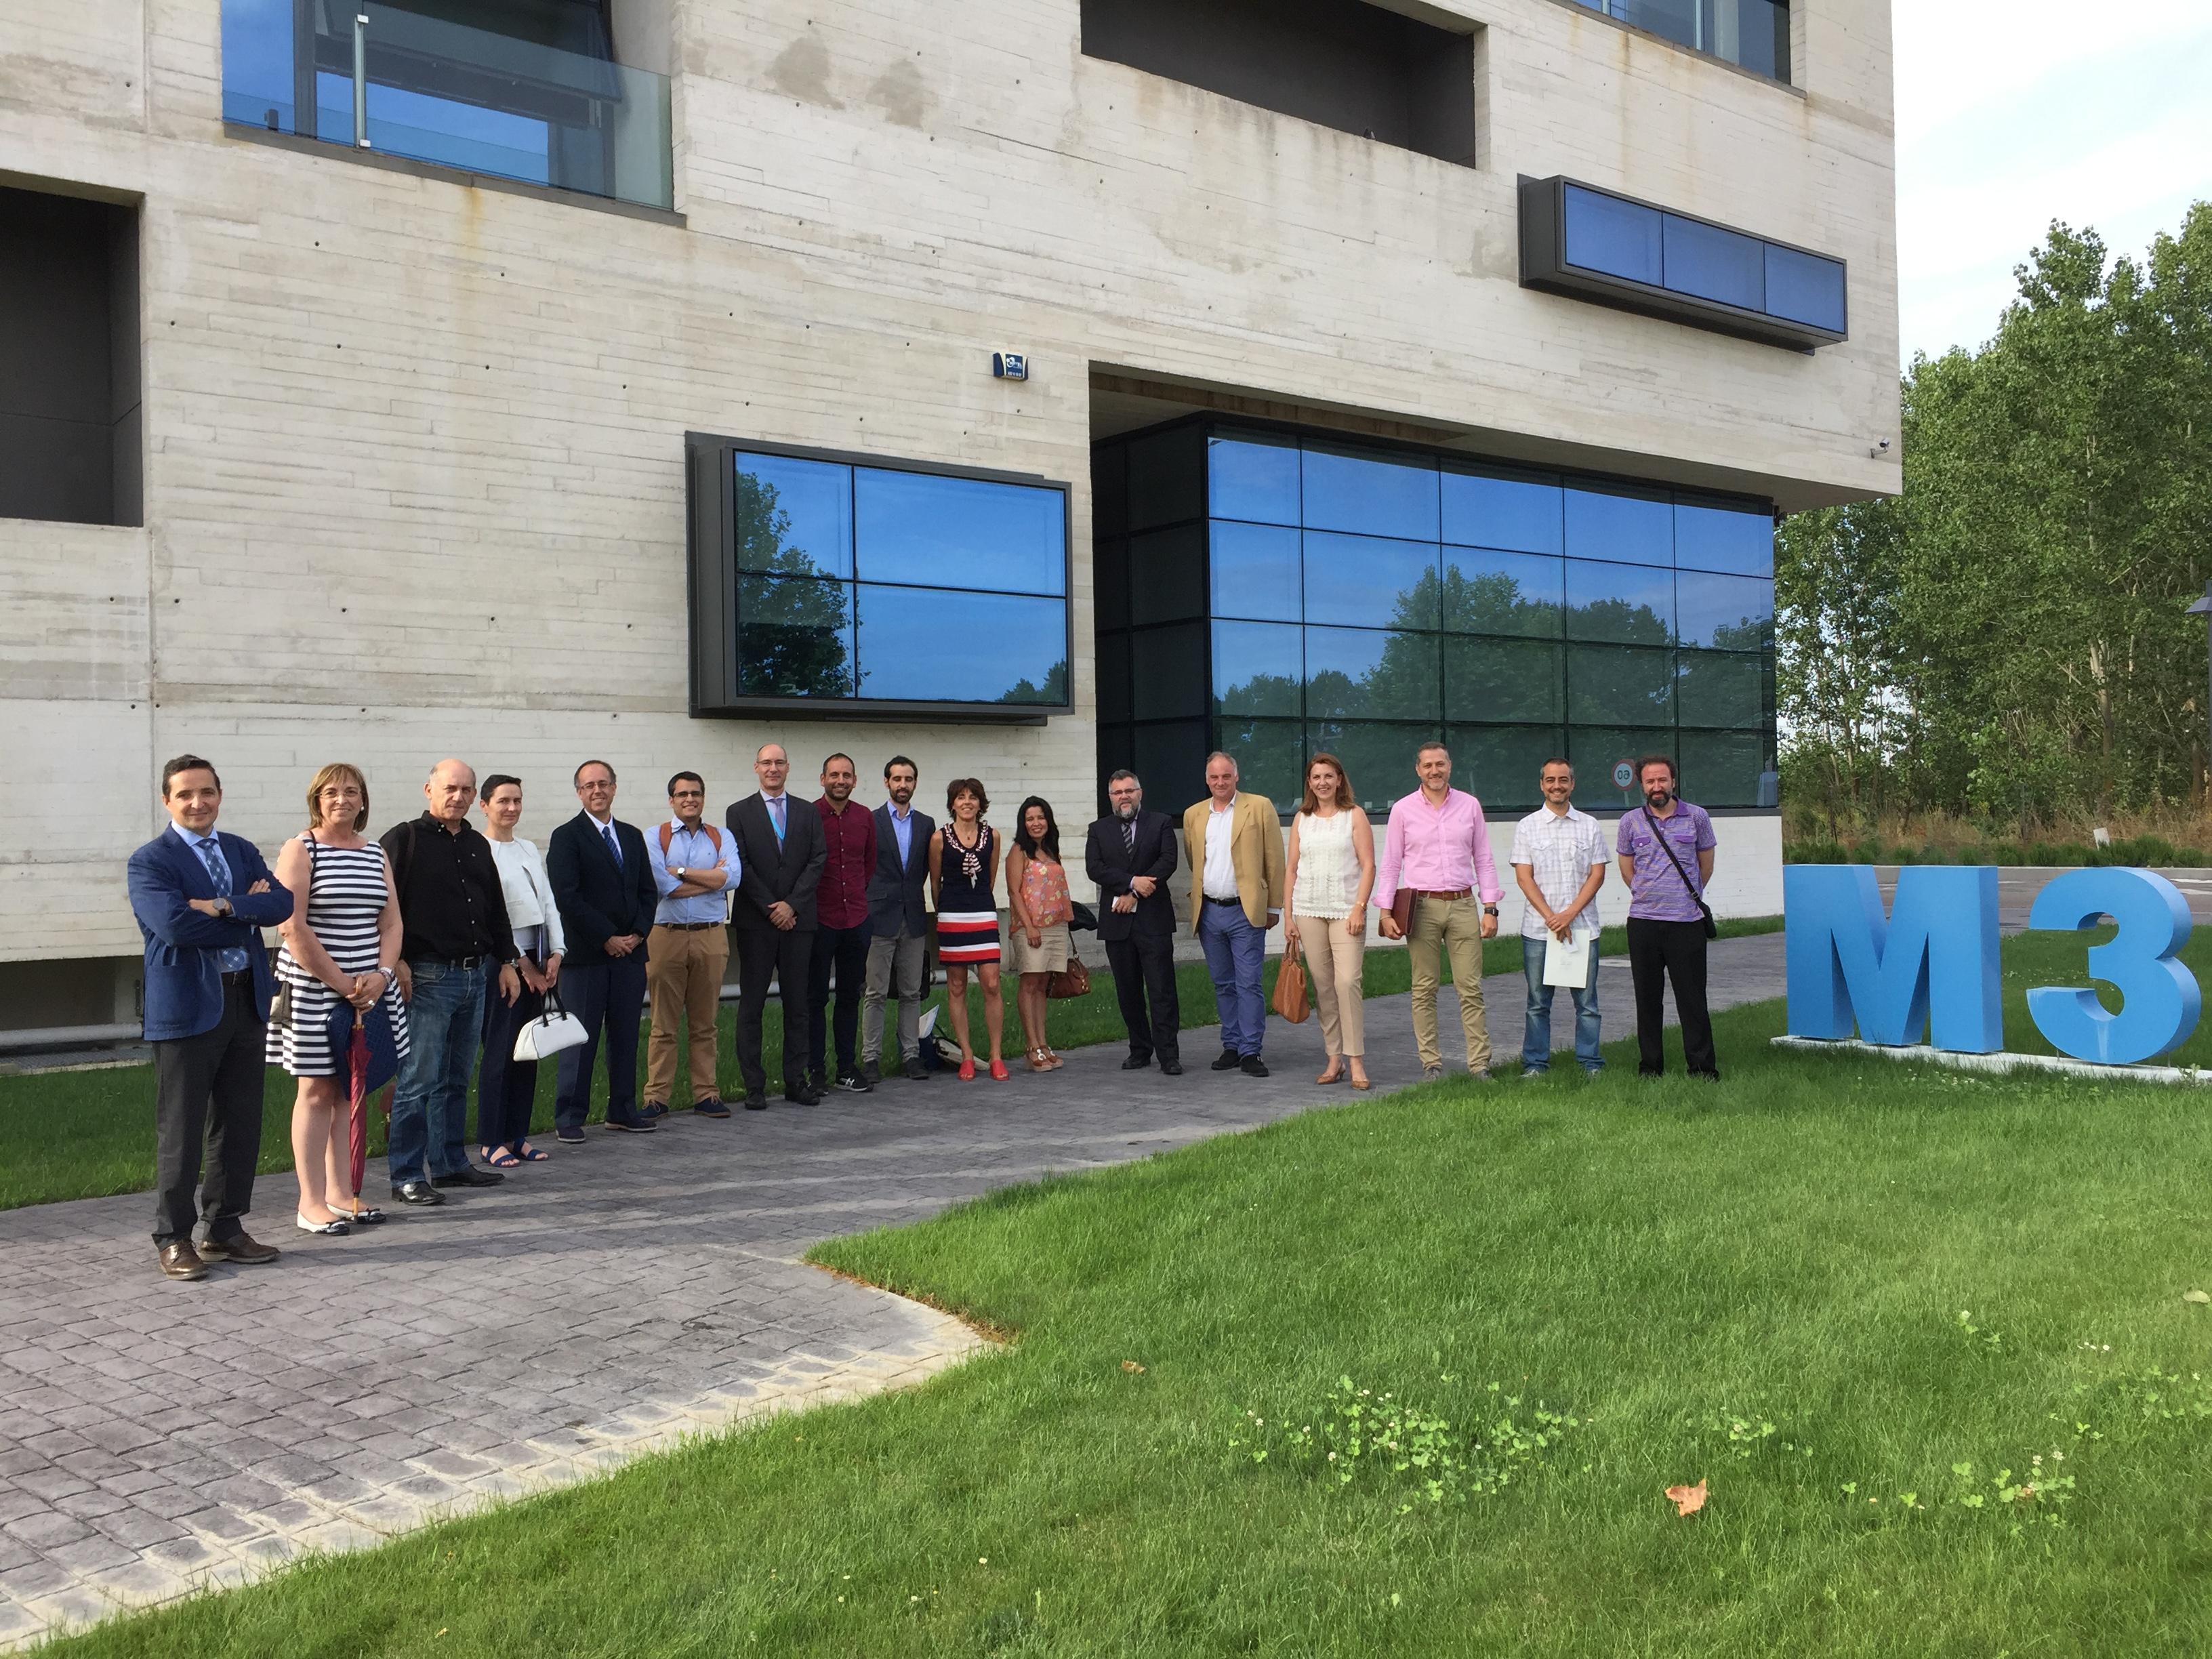 Comunicado de los decanos y directores de Ingeniería Informática de las universidades públicas de Castilla y León